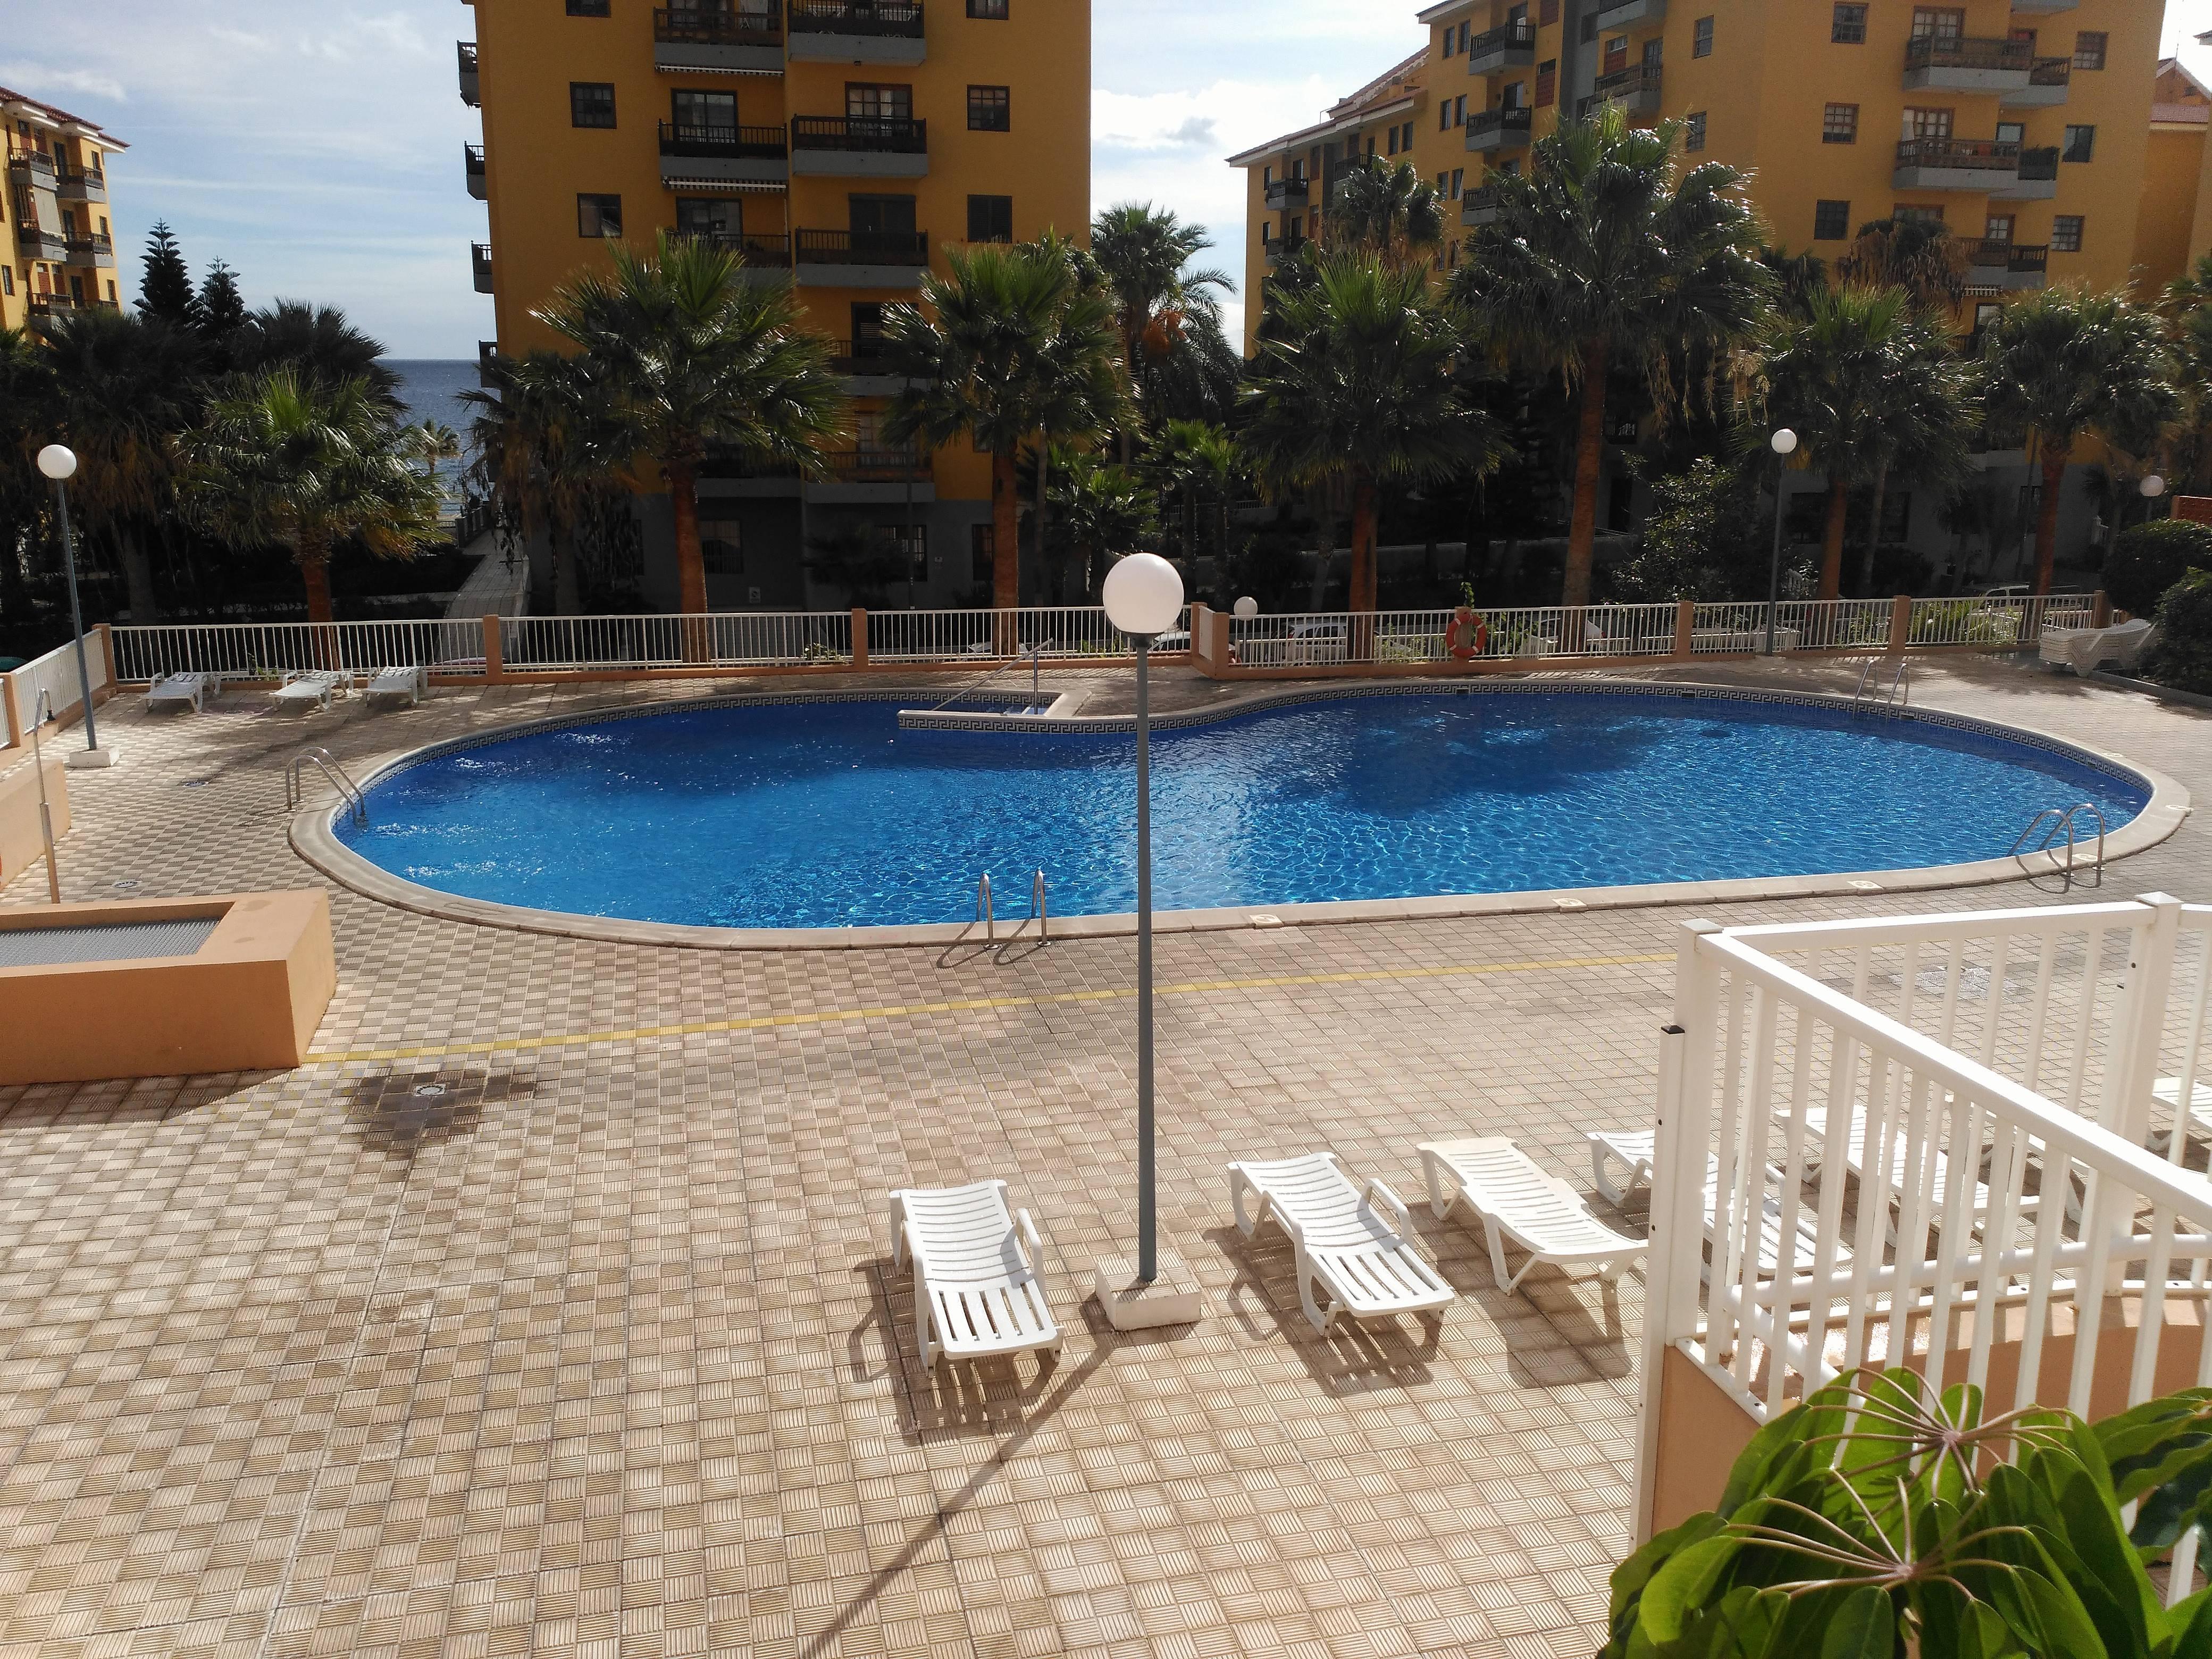 Apartamento para 6 personas a 50 m de la playa punta larga candelaria tenerife - Apartamentos en candelaria tenerife ...